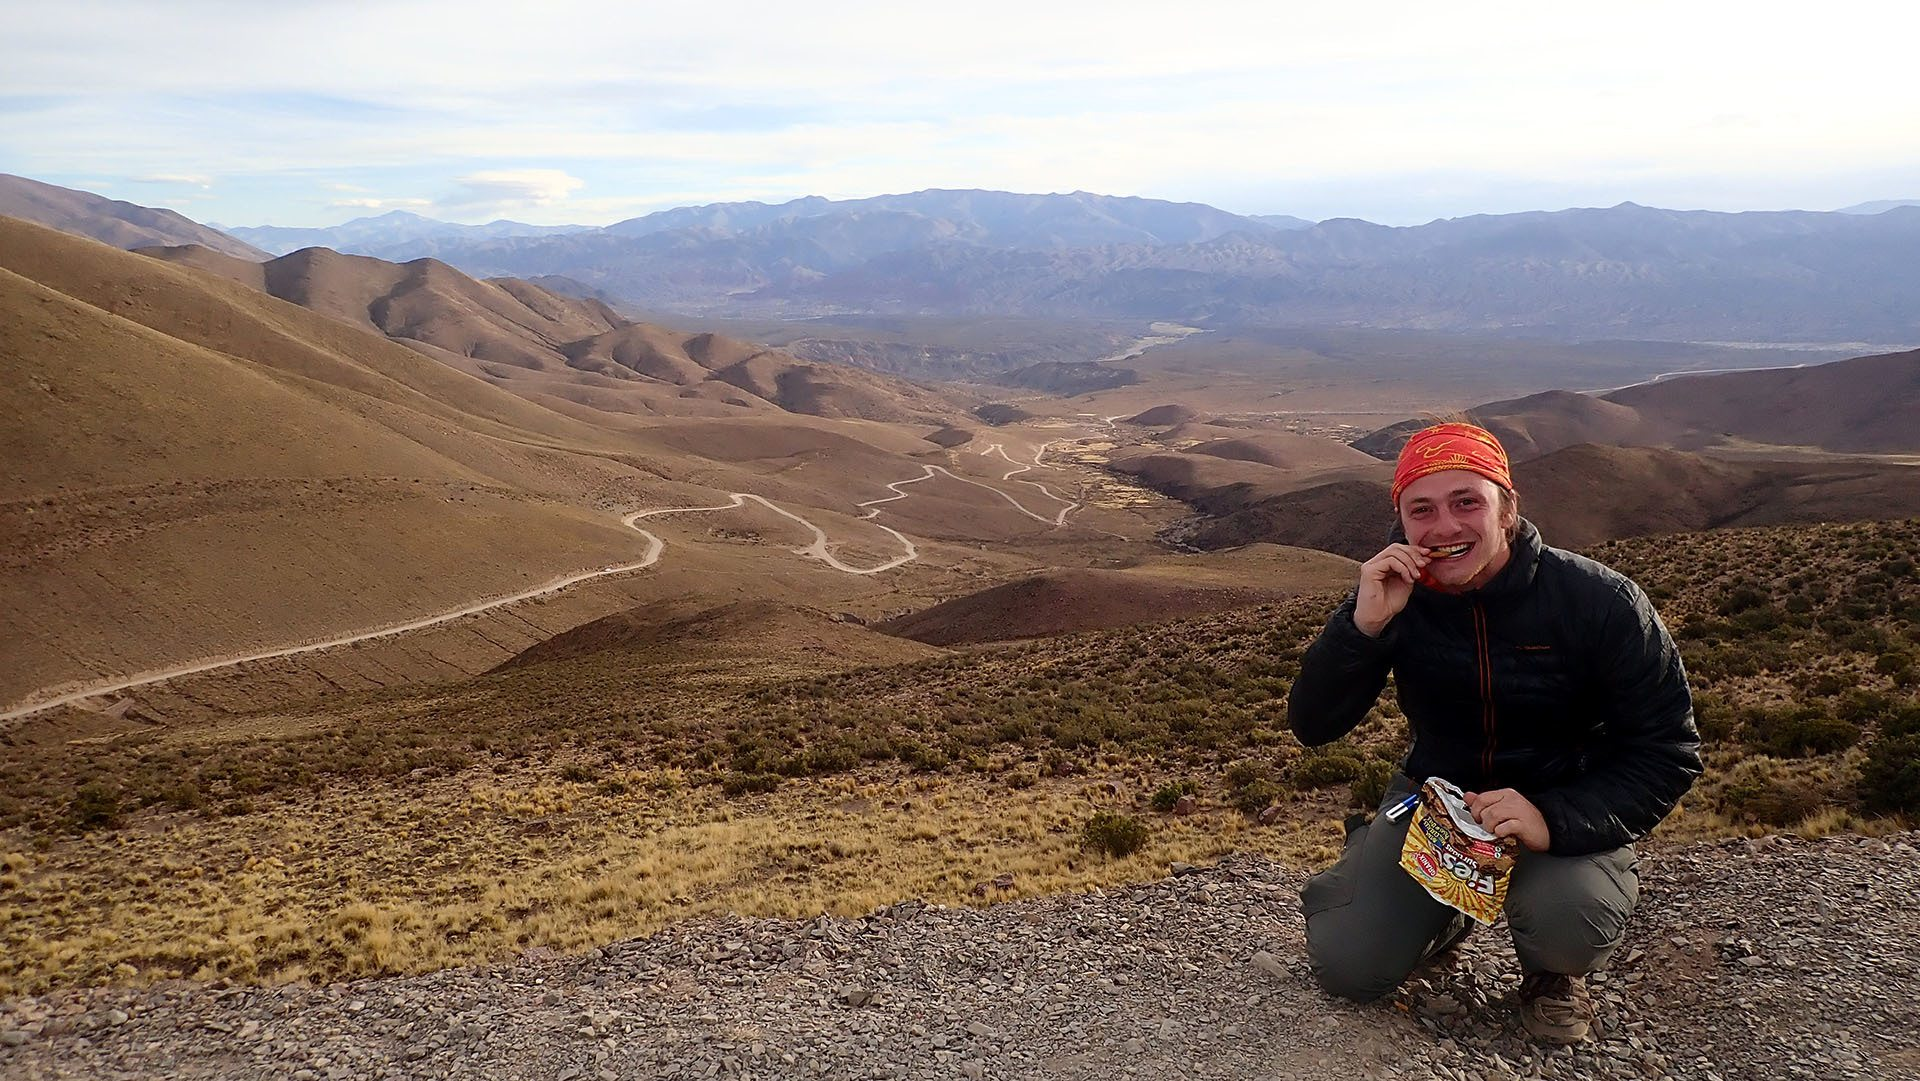 Pfastatt : le tour du monde en stop de Julien de Weijer : en revenant de la montagne aux 14 couleurs en Argentine